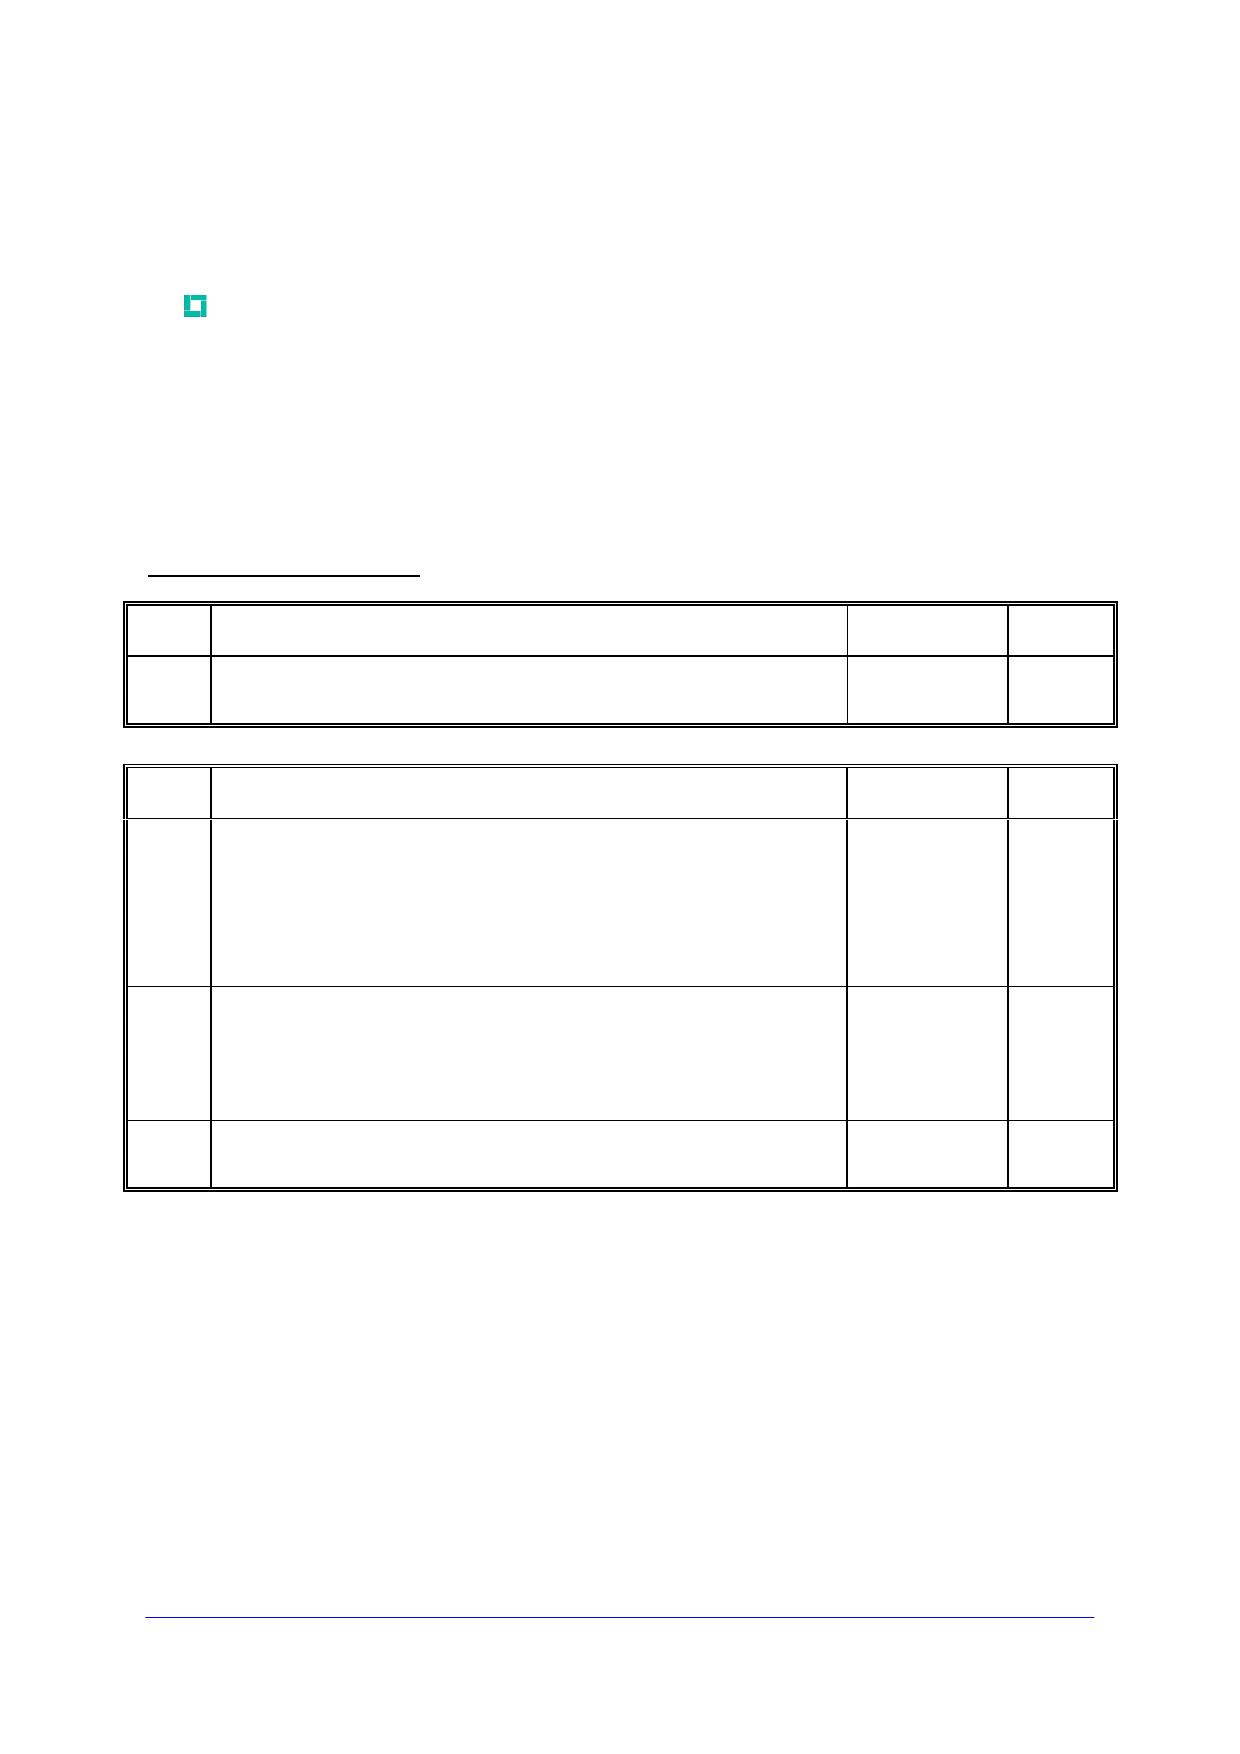 M0310YH340 دیتاشیت PDF